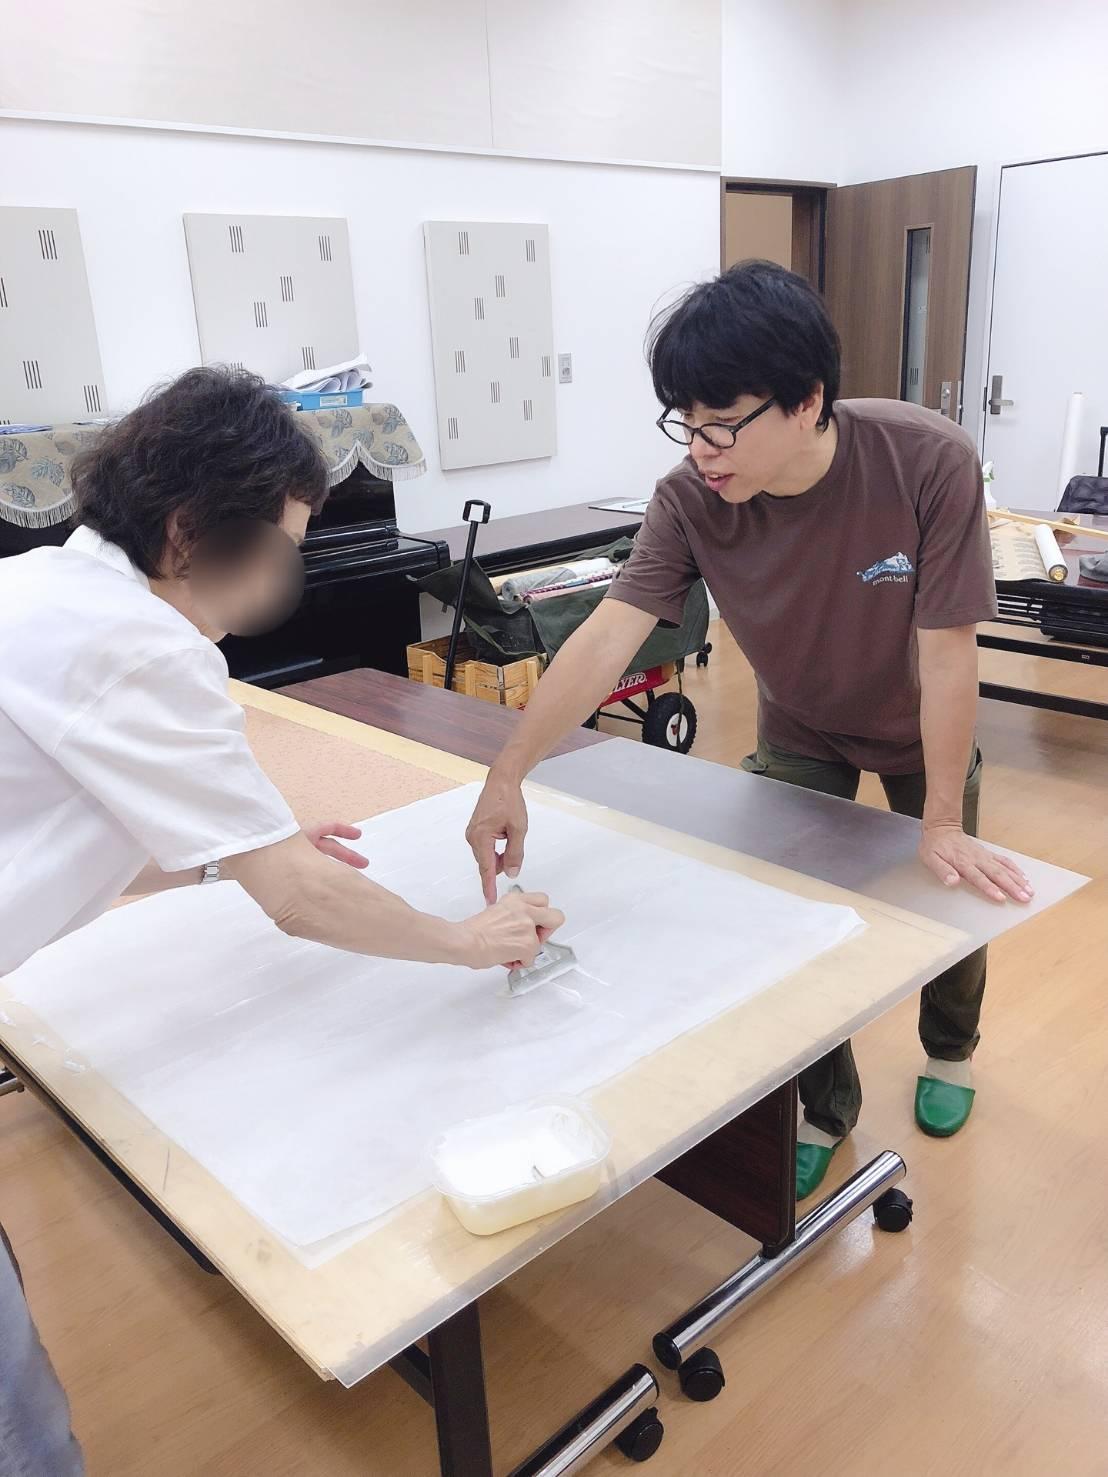 【三木校】体験:楽しい表装セミナー・日曜クラス3DAY体験 19/06/07~20/08/02